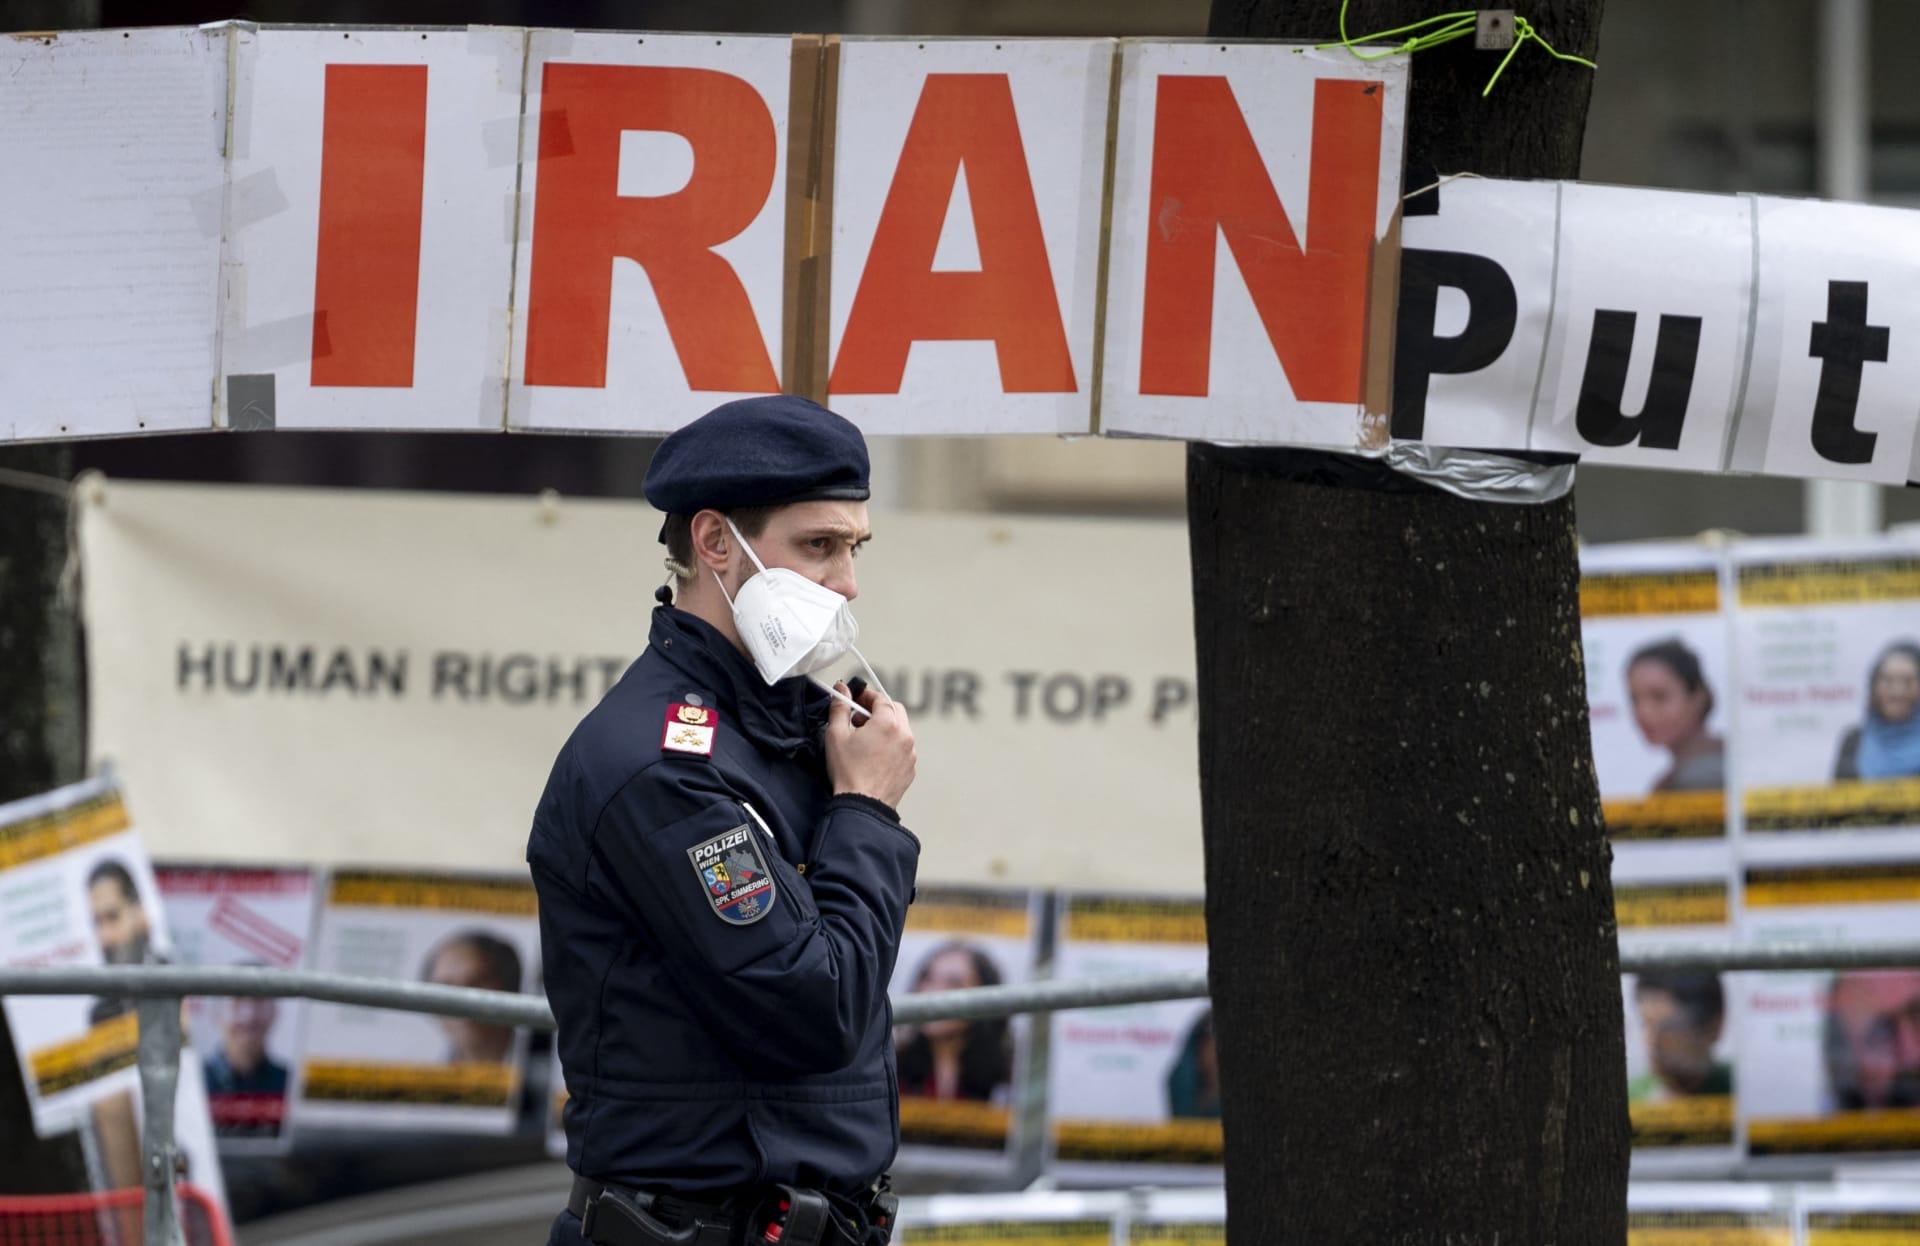 النمسا: ضابط شرطة يتوقف أمام لافتات رفعها أعضاء في المجلس الوطني للمقاومة الإيرانية، وهي جماعة إيرانية معارضة، أمام فندق غراند فيينا خلال المحادثات النووية المغلقة مع إيران في 27 أبريل/نيسان 2021